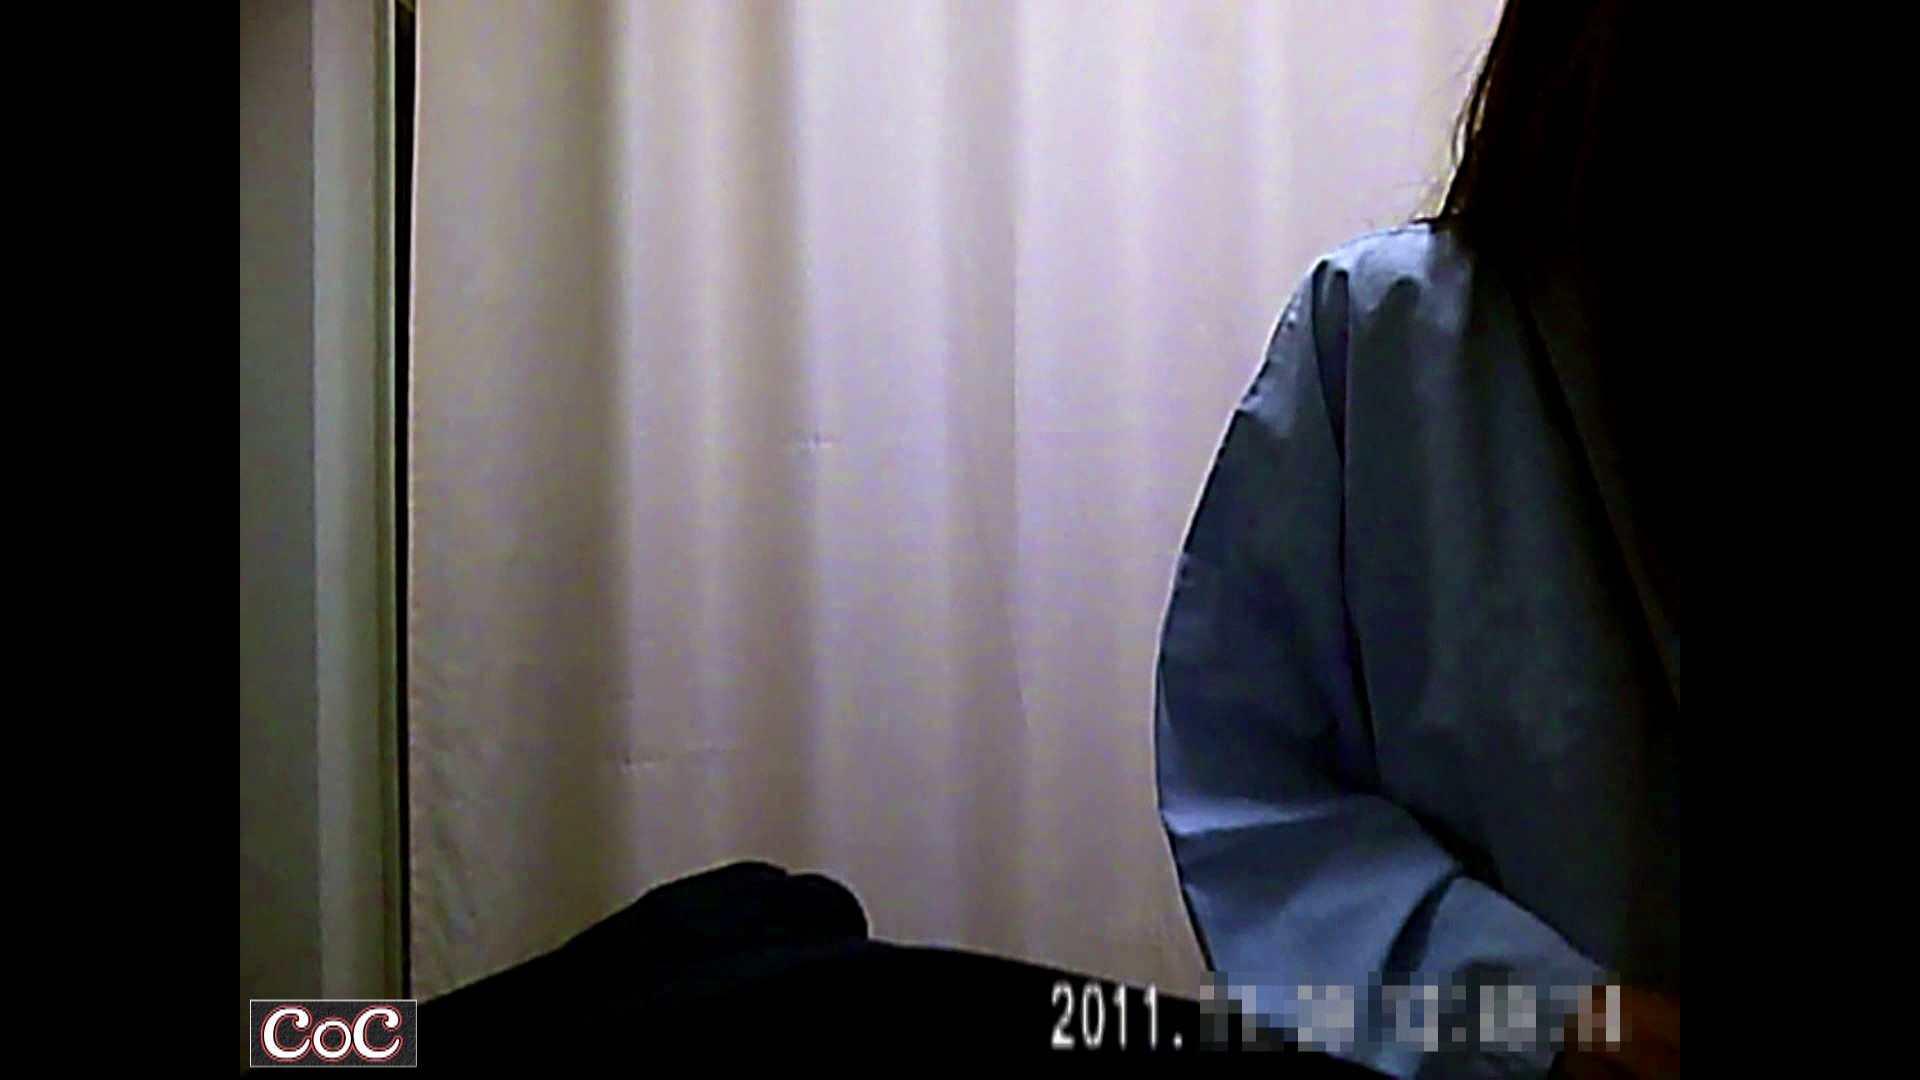 病院おもいっきり着替え! vol.86 OLの実態 盗撮AV動画キャプチャ 100pic 100